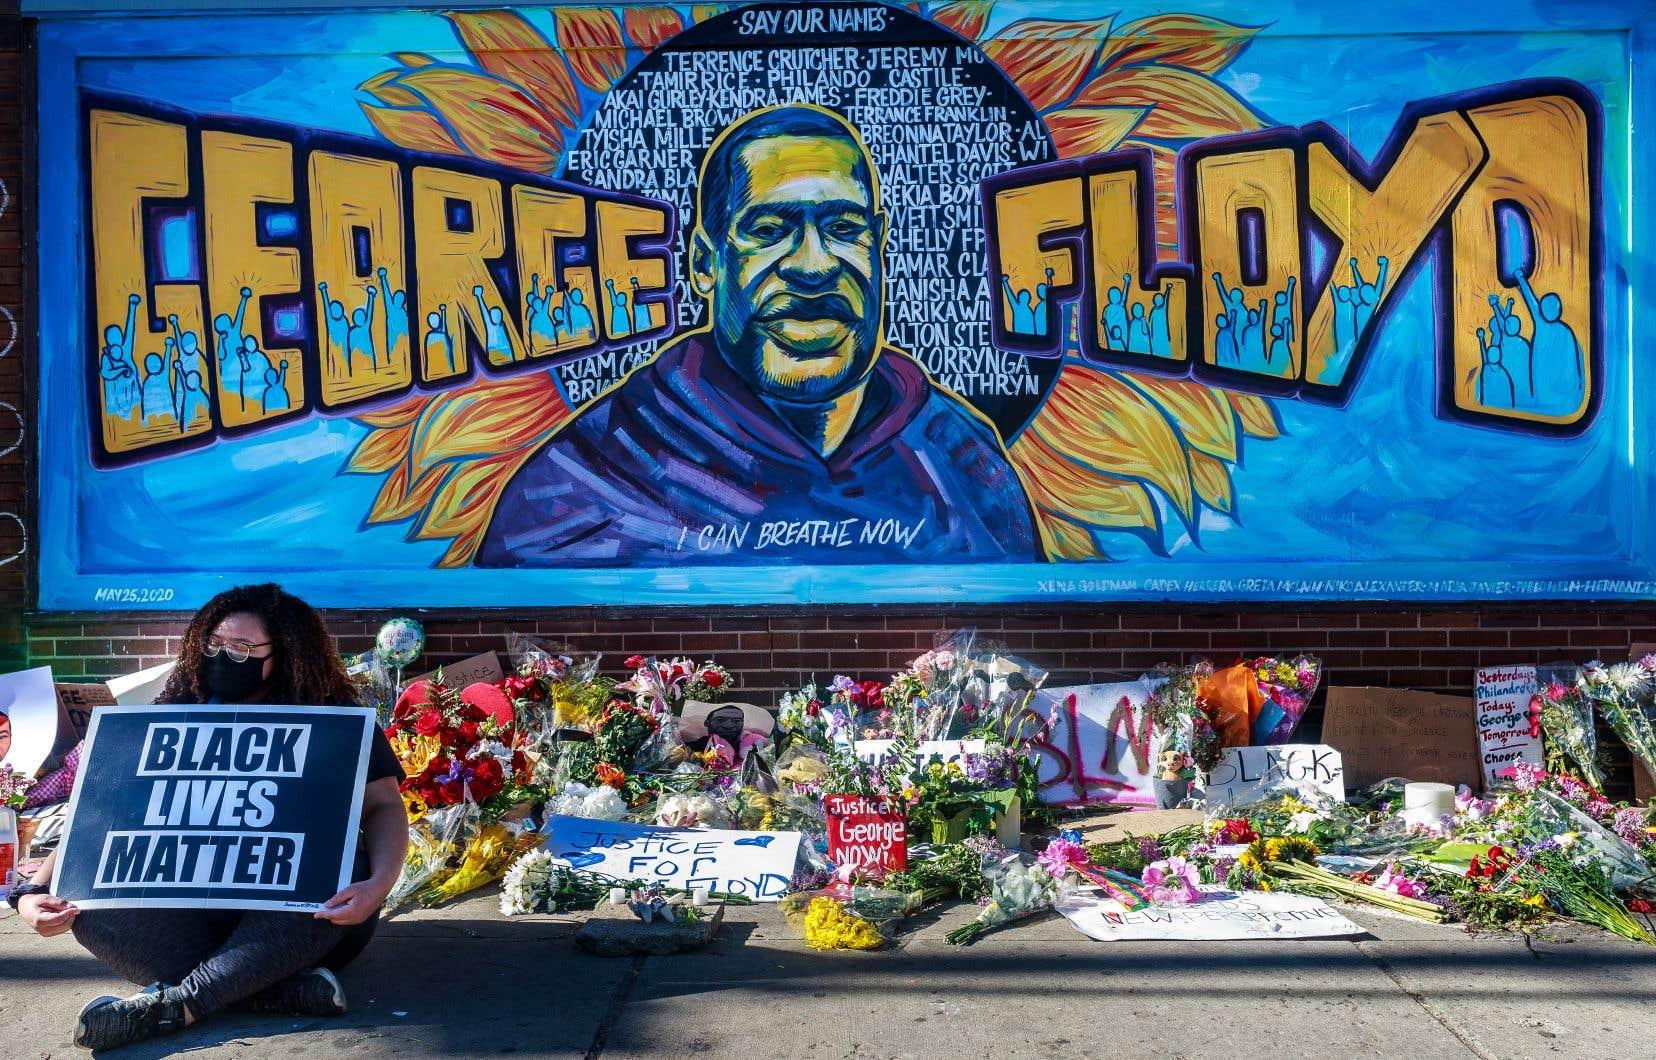 La mort de George Floyd avait déclenché une vague inédite de protestations contre le racisme et les brutalités policières dans le pays, et dans le monde, où furent scandés son nom et ses dernières paroles, «<i>I can't breathe</i>» («Je ne peux pas respirer»).